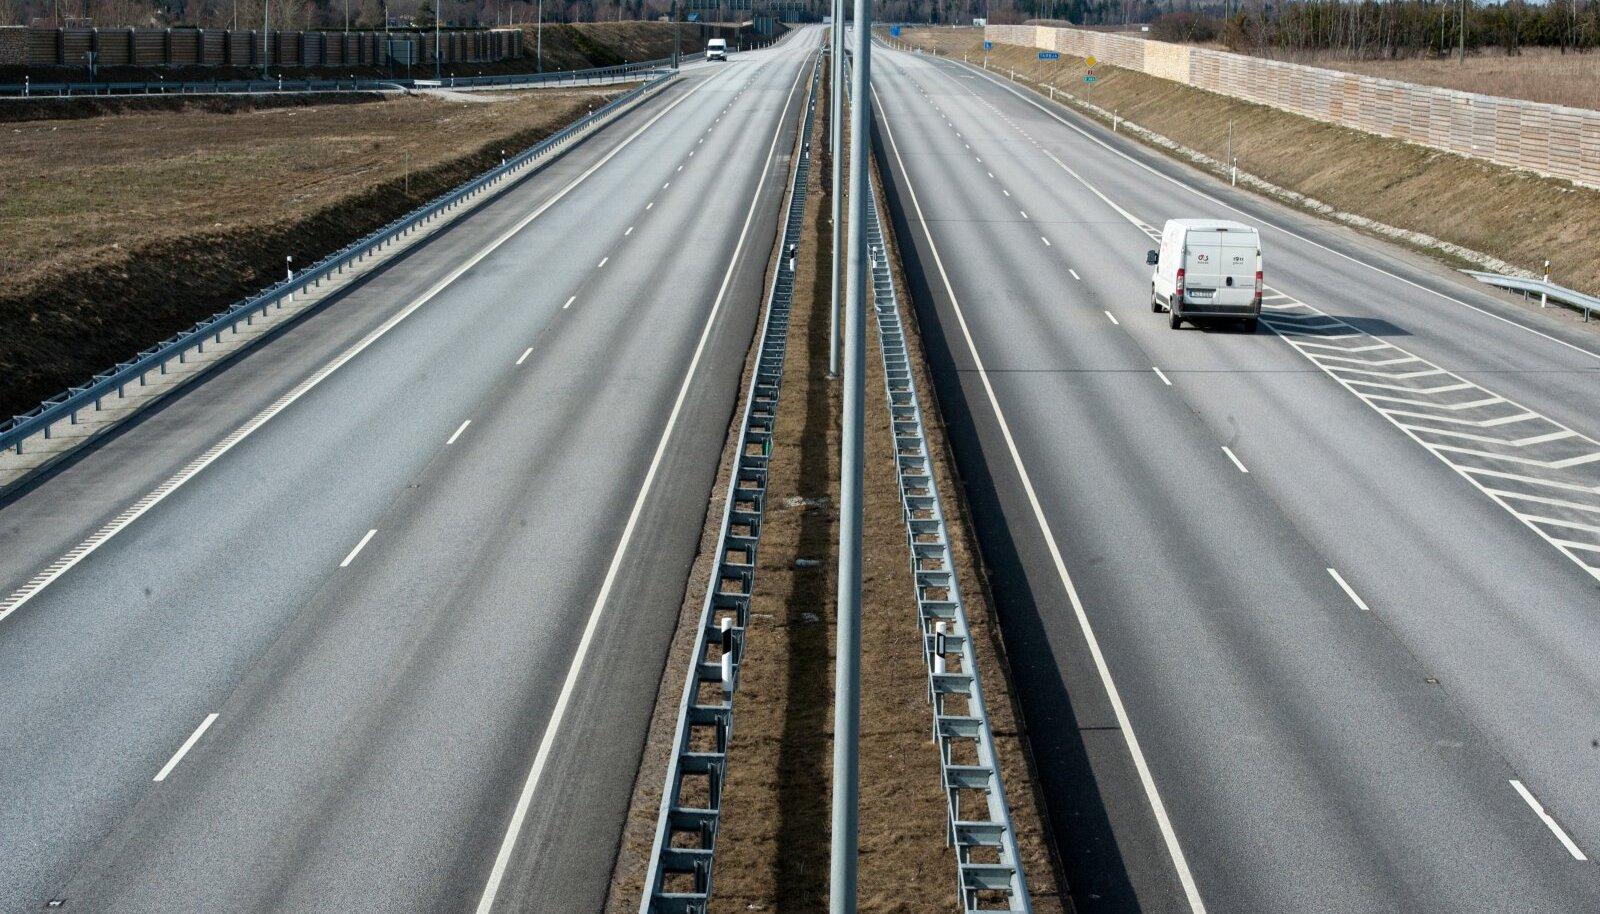 Pärast uue 2 + 2 lõigu valmimist on kunagine Mäo liiklussõlm jäänud täiesti kõrvaliseks kohaks, kuhu satub vähe inimesi.